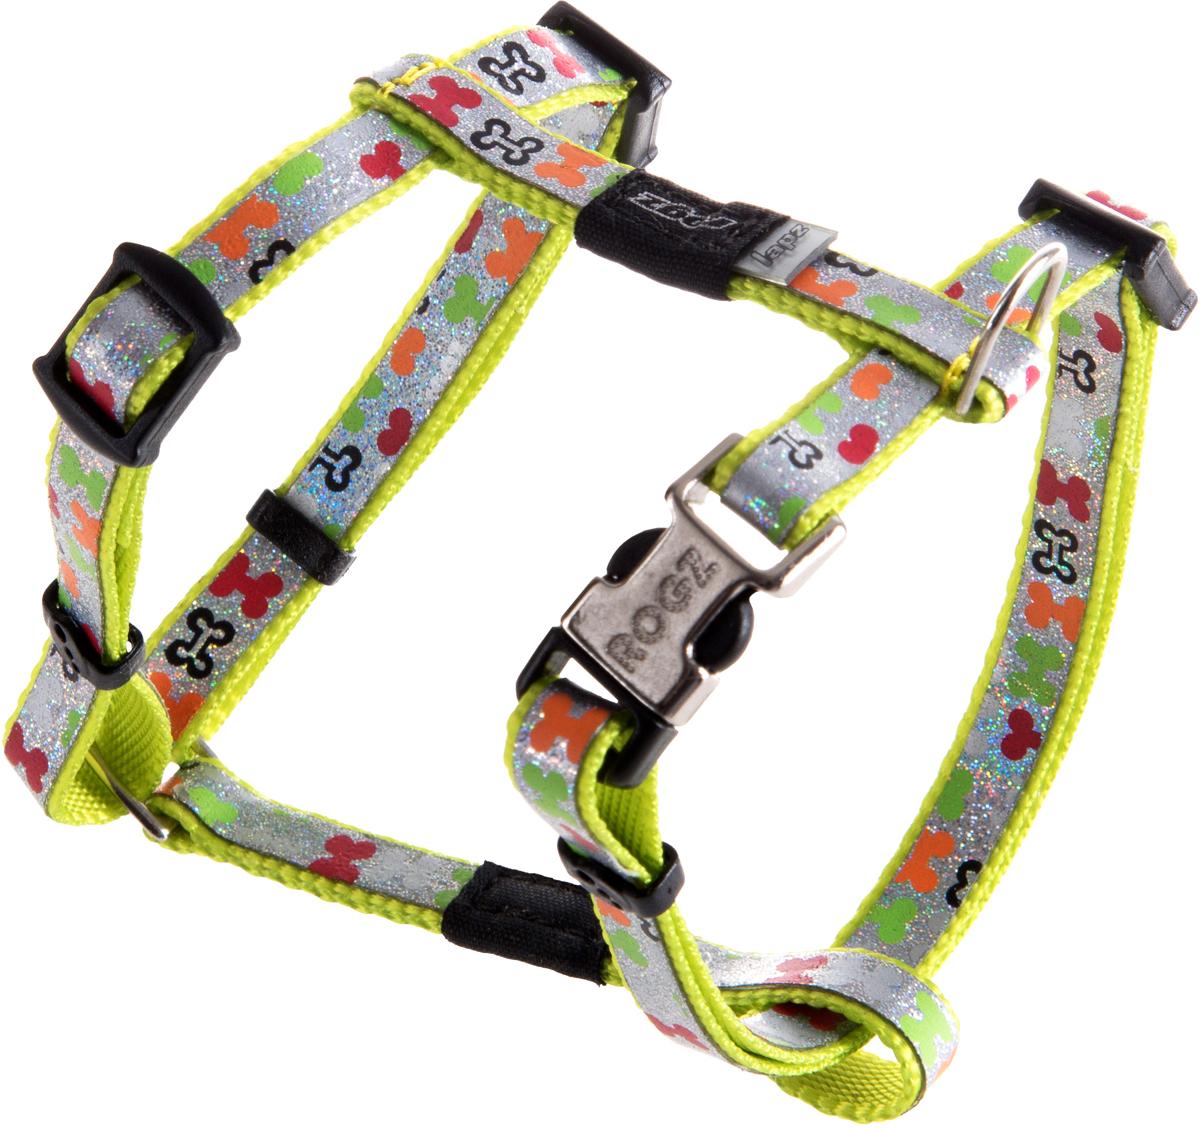 Шлейка для собак Rogz  Trendy , цвет: салатовый, ширина 0,8 см. Размер XS